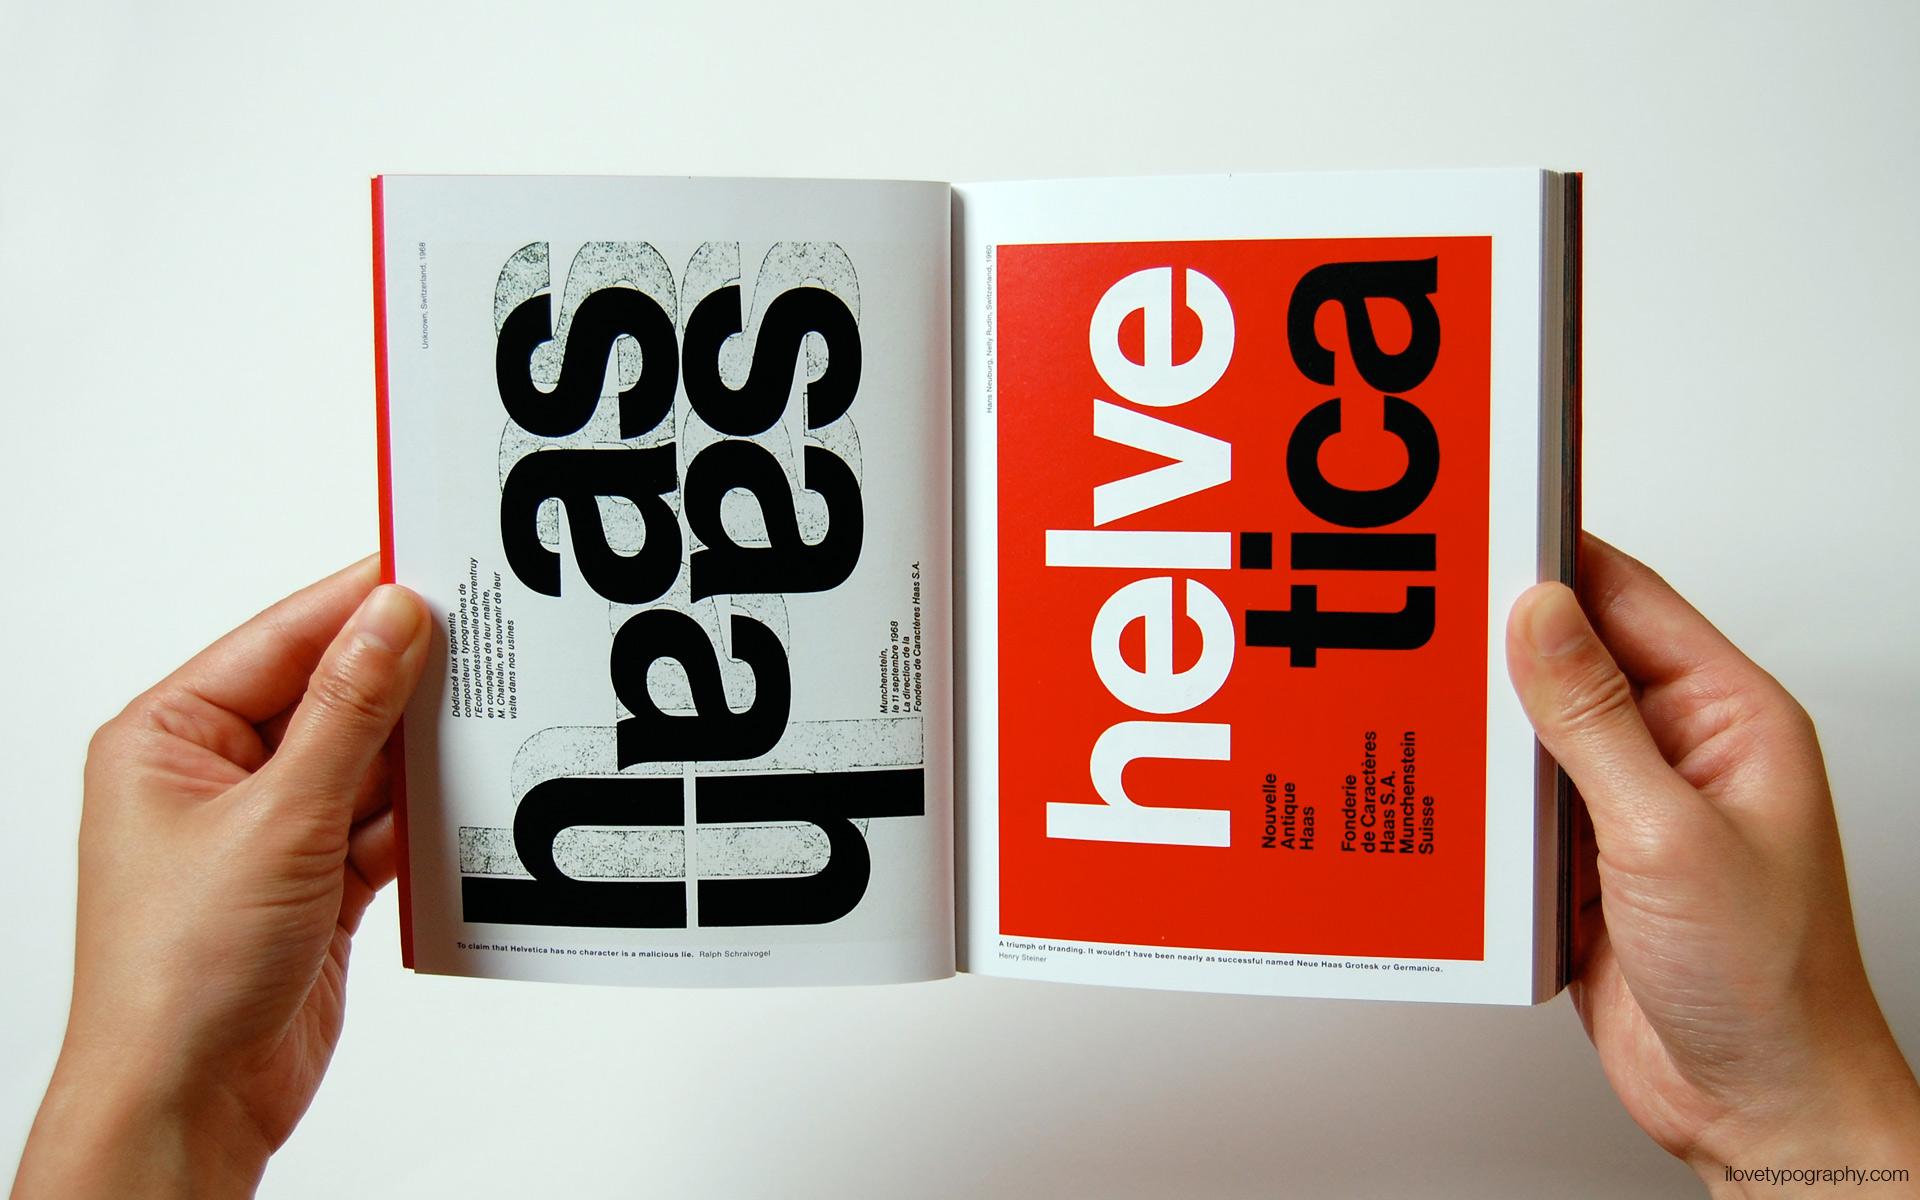 Helvetica, wallpaper, custom, typography, book, best (#38265)